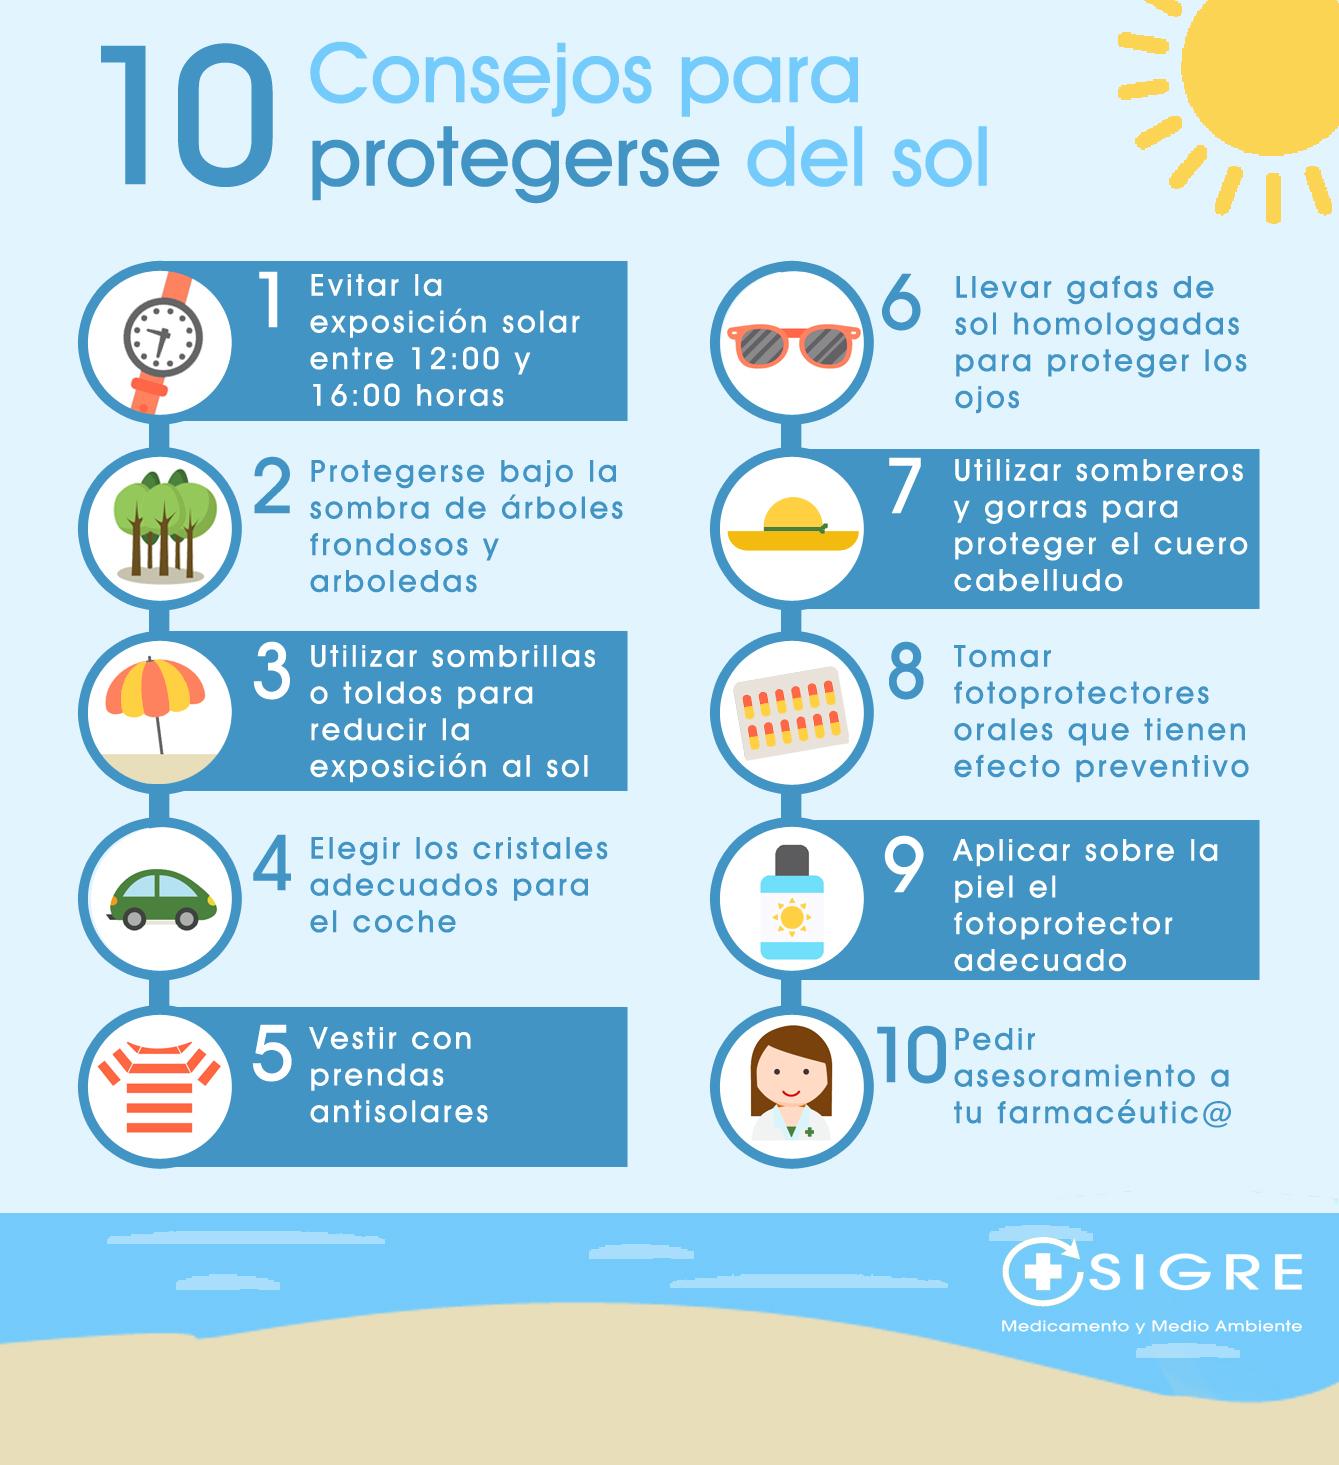 Consejos para protegerse del sol – Blog Corporativo de SIGRE